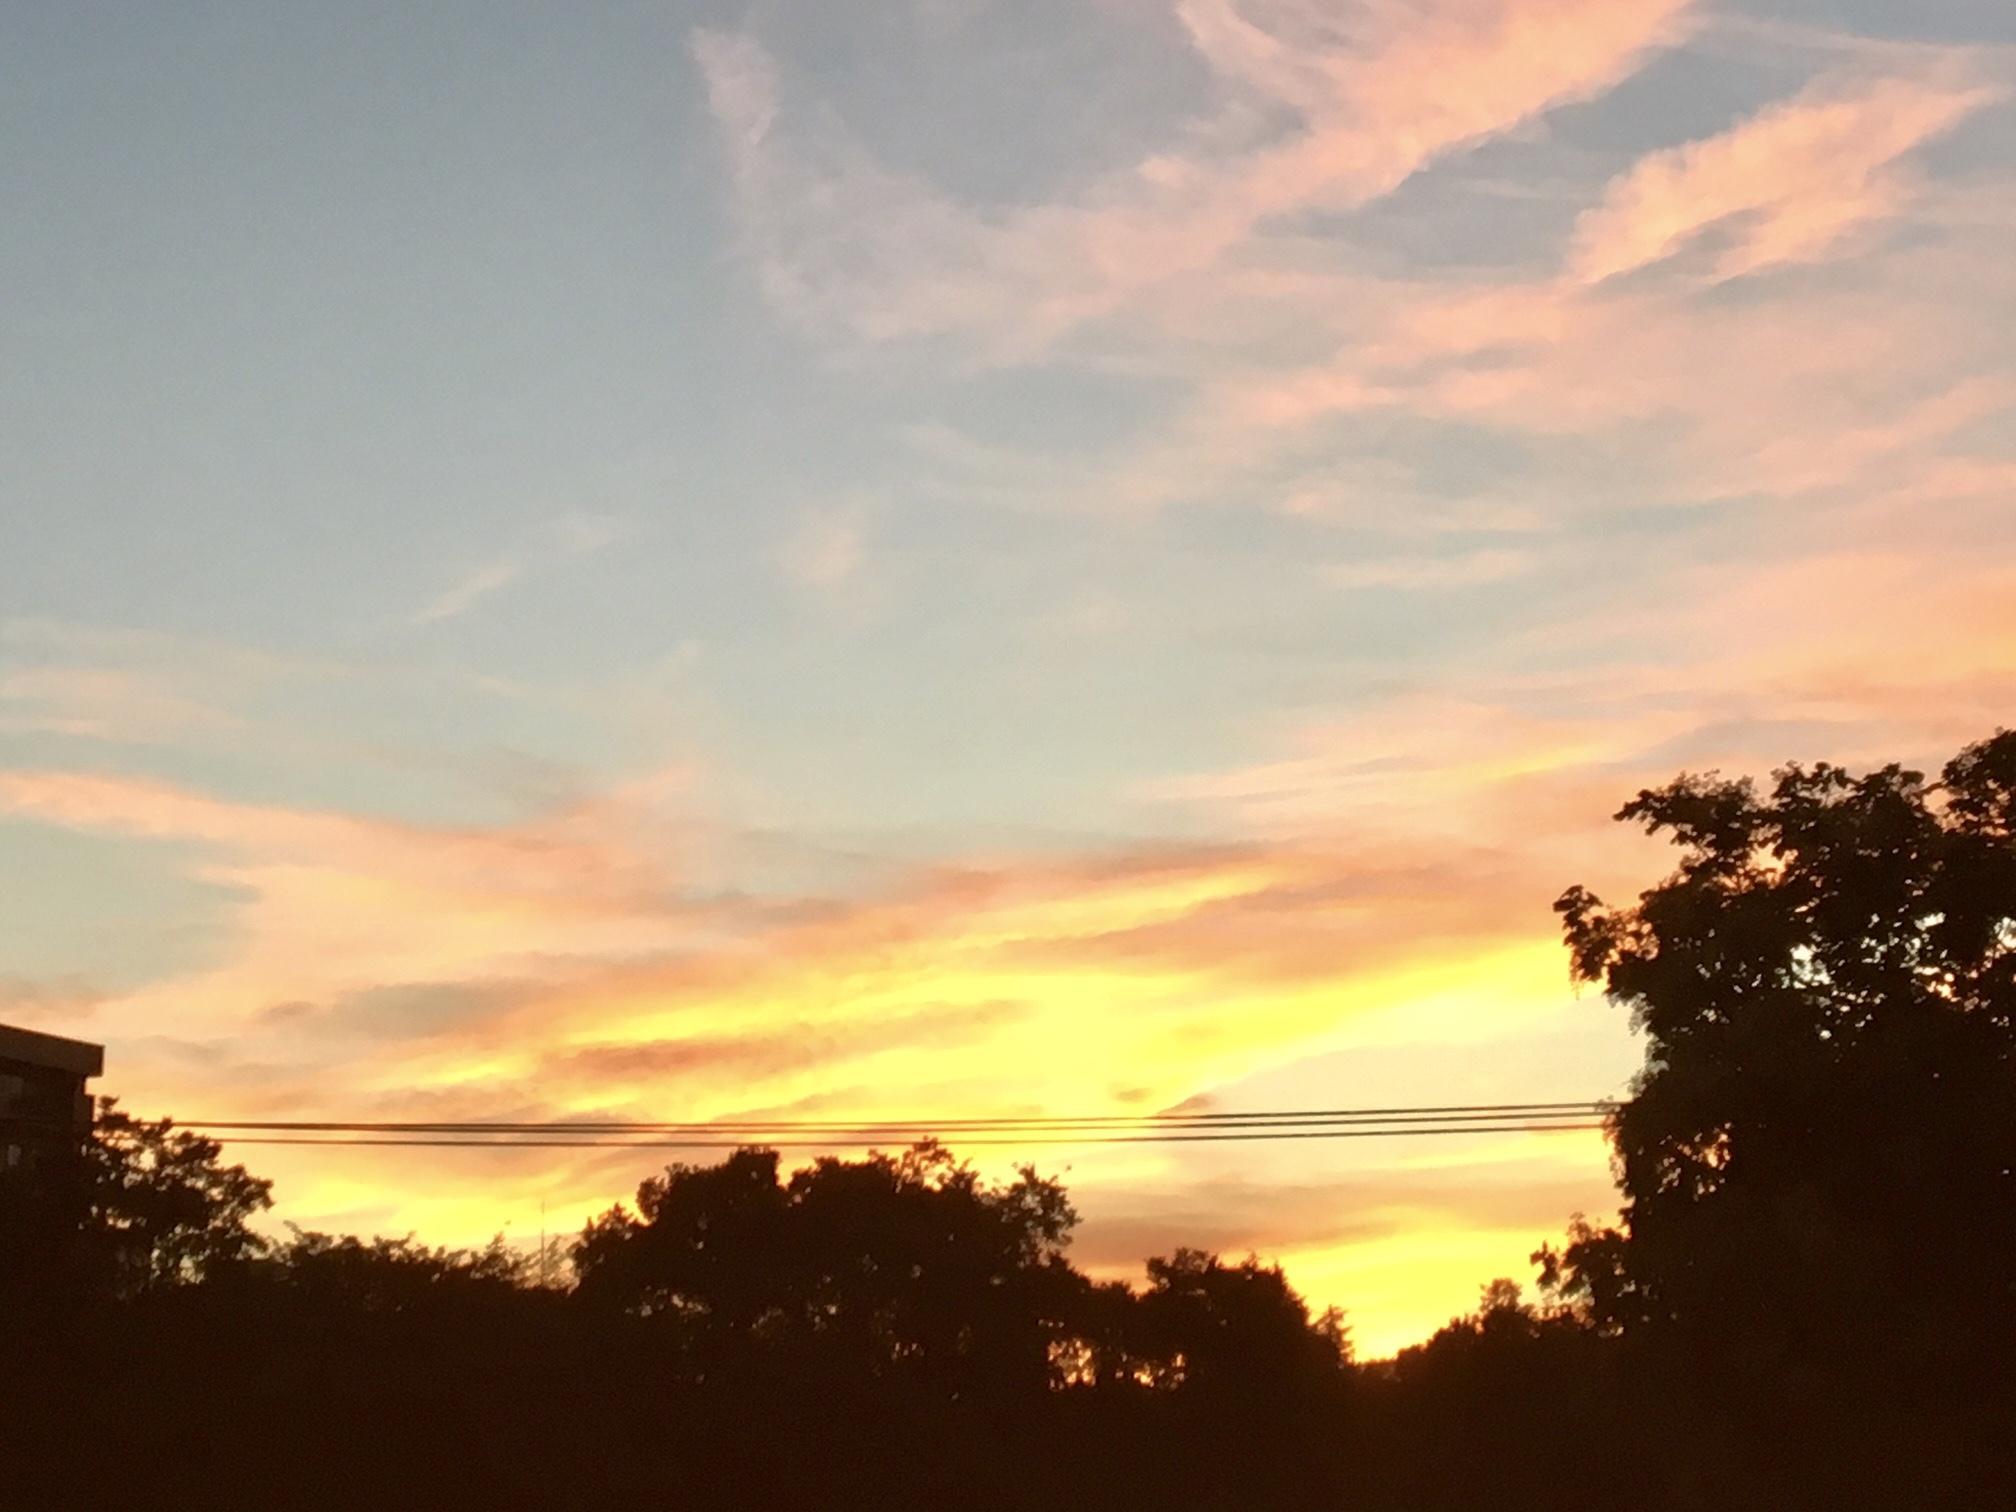 今朝の朝焼けは、特に色合いが綺麗でした!_c0128489_06034093.jpeg